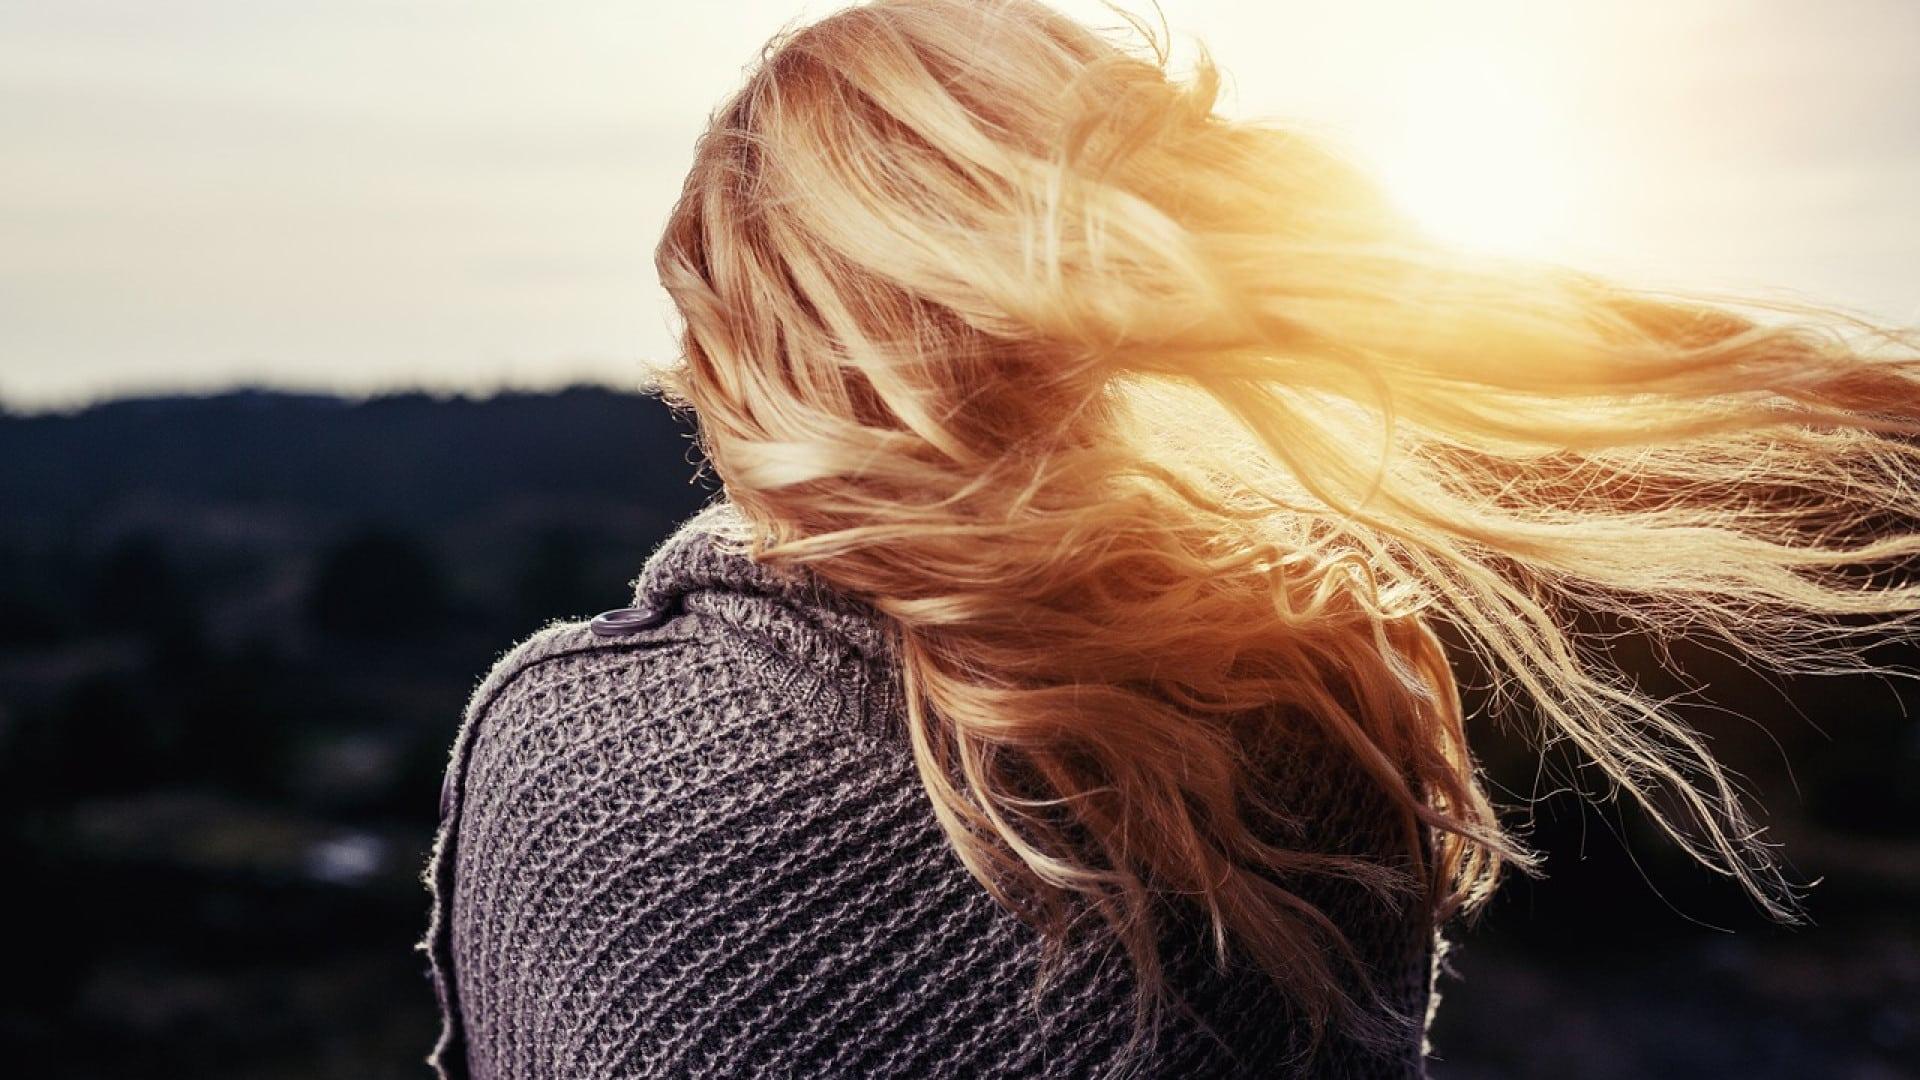 Comment bien choisir ses extensions de cheveux ?